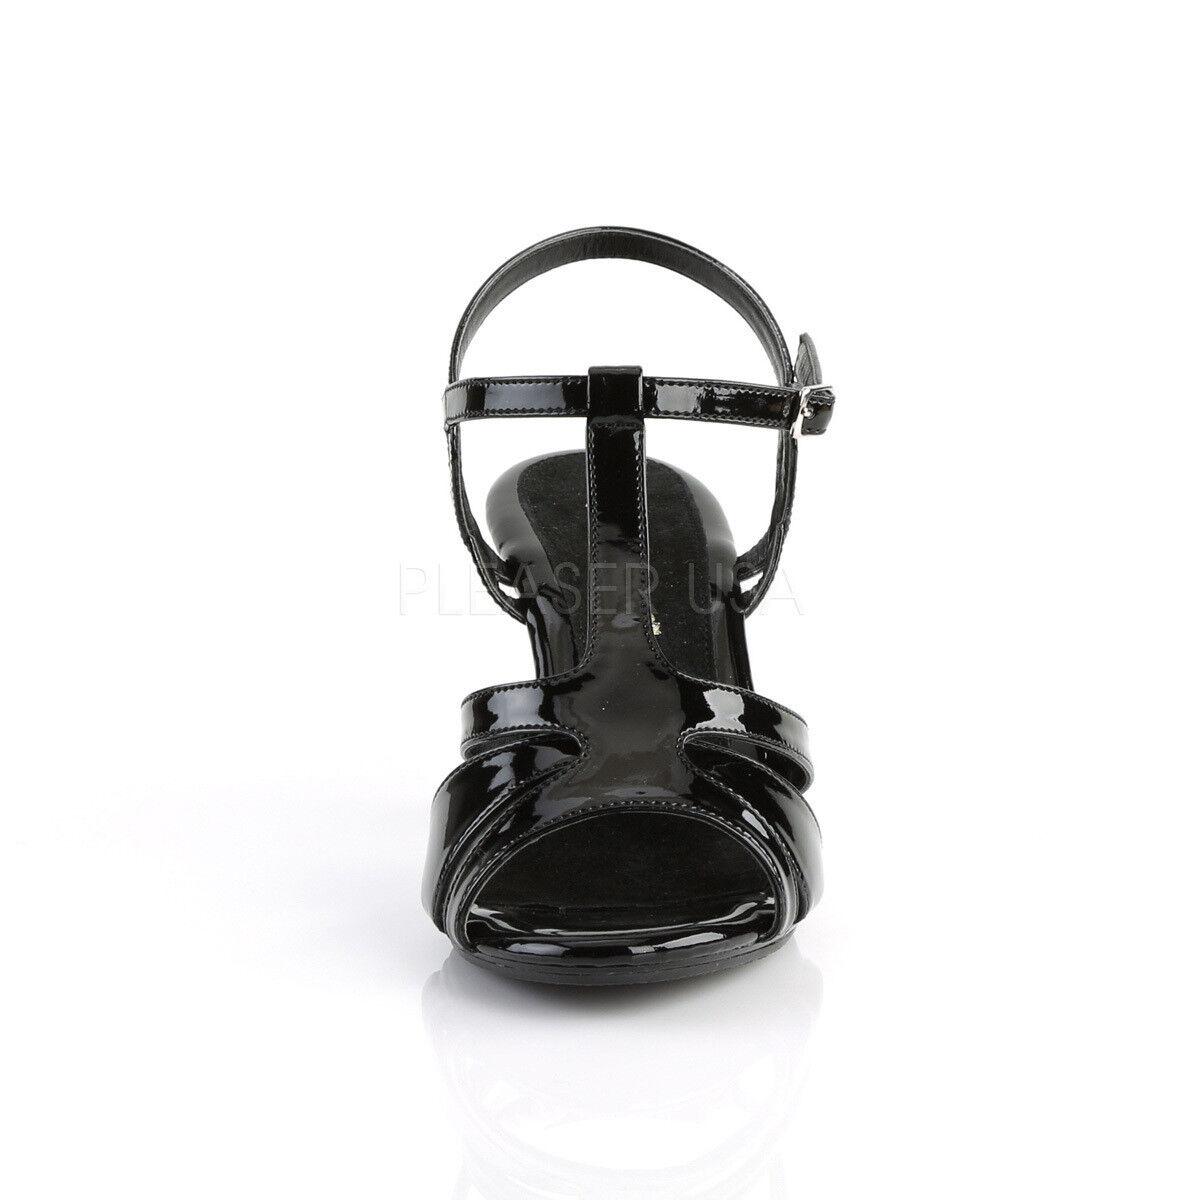 Zapatos casuales salvajes Belle - 322 elegante fabulicious señora chica decorado negro charol tamaño 38